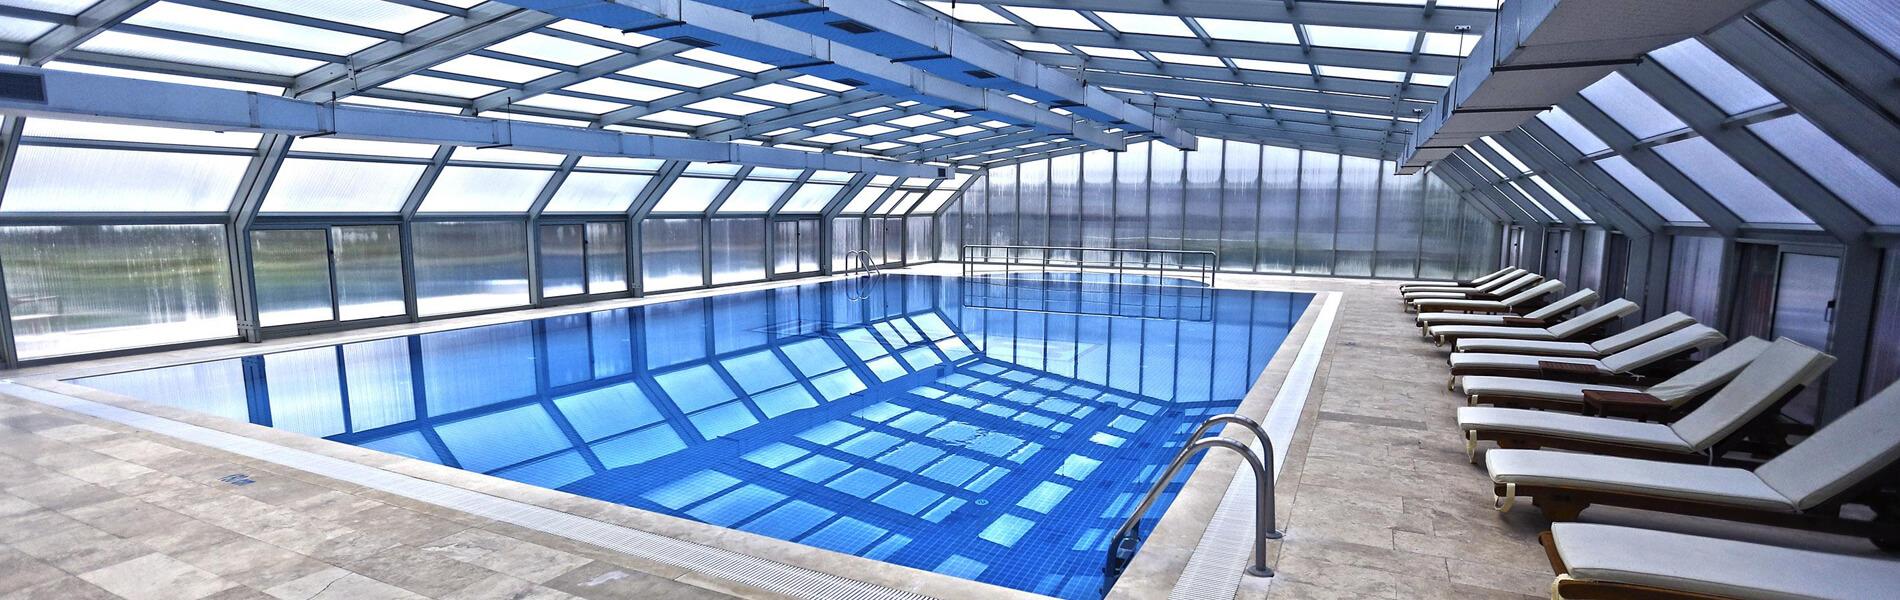 Kastamonu'da Kapalı Yüzme Havuzu Otel